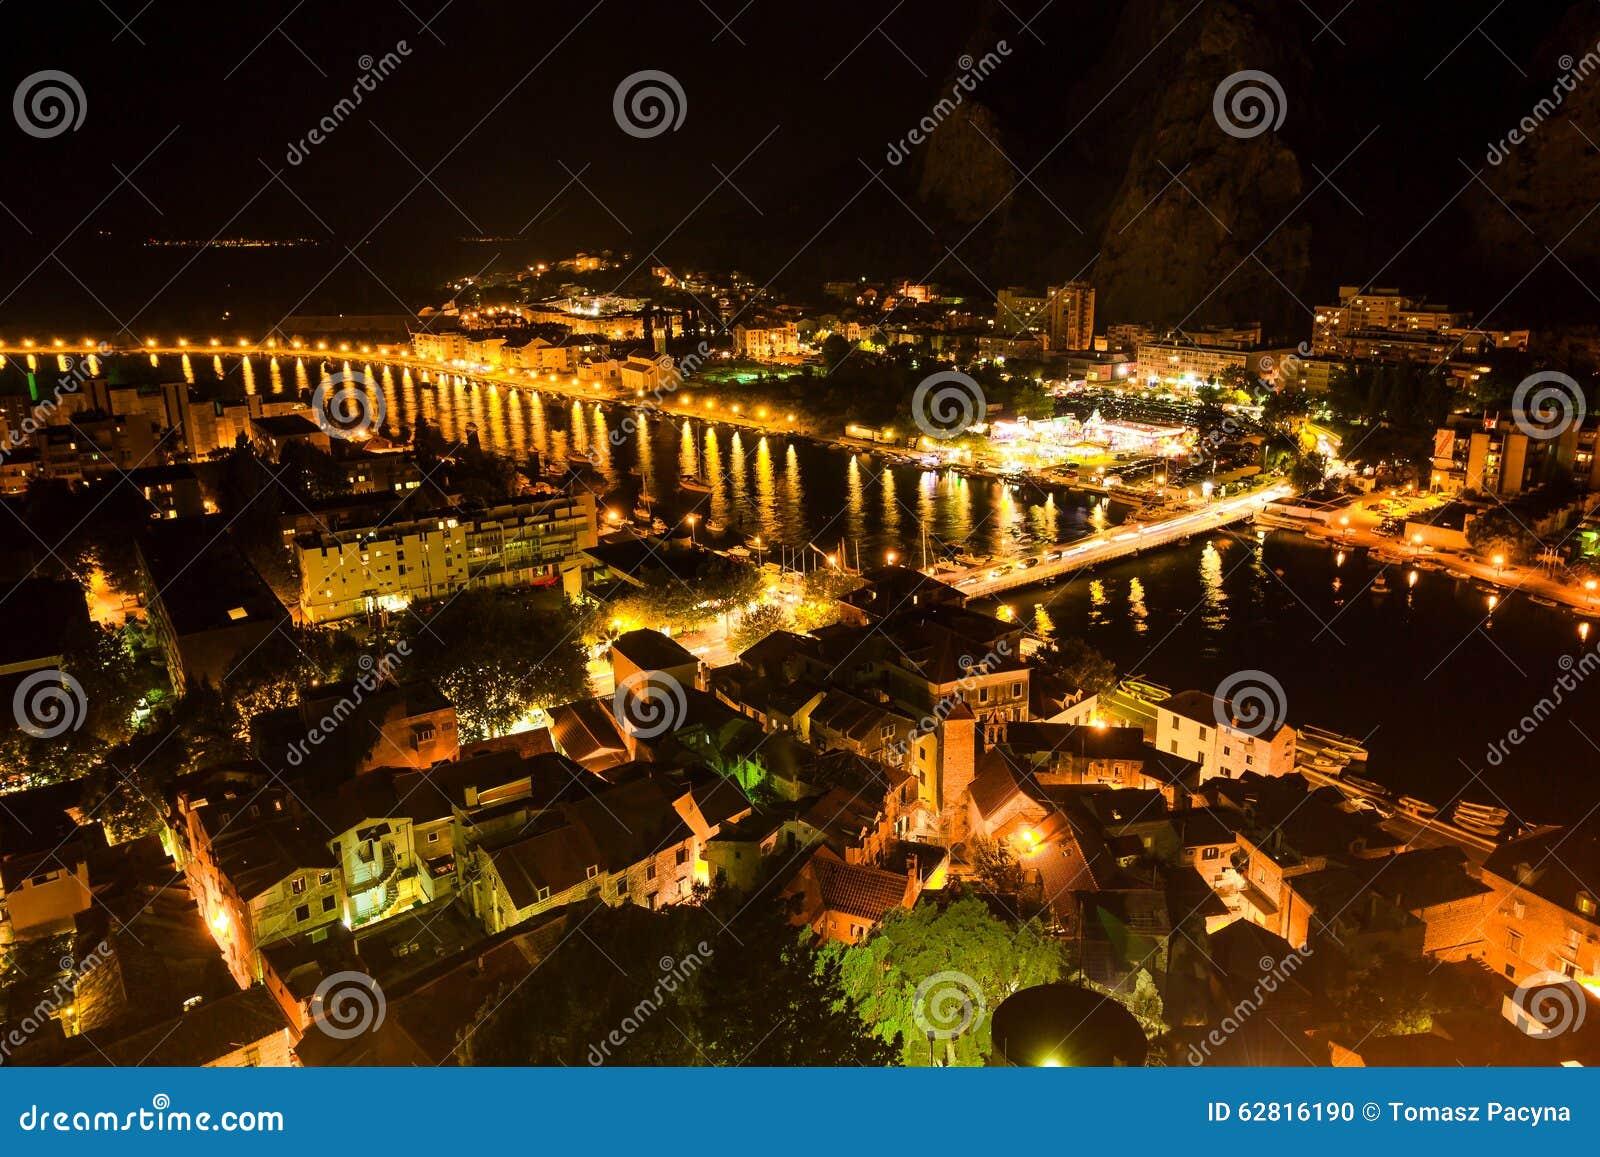 Aerial View of Omis and Cetina River at Night, Dalmatia